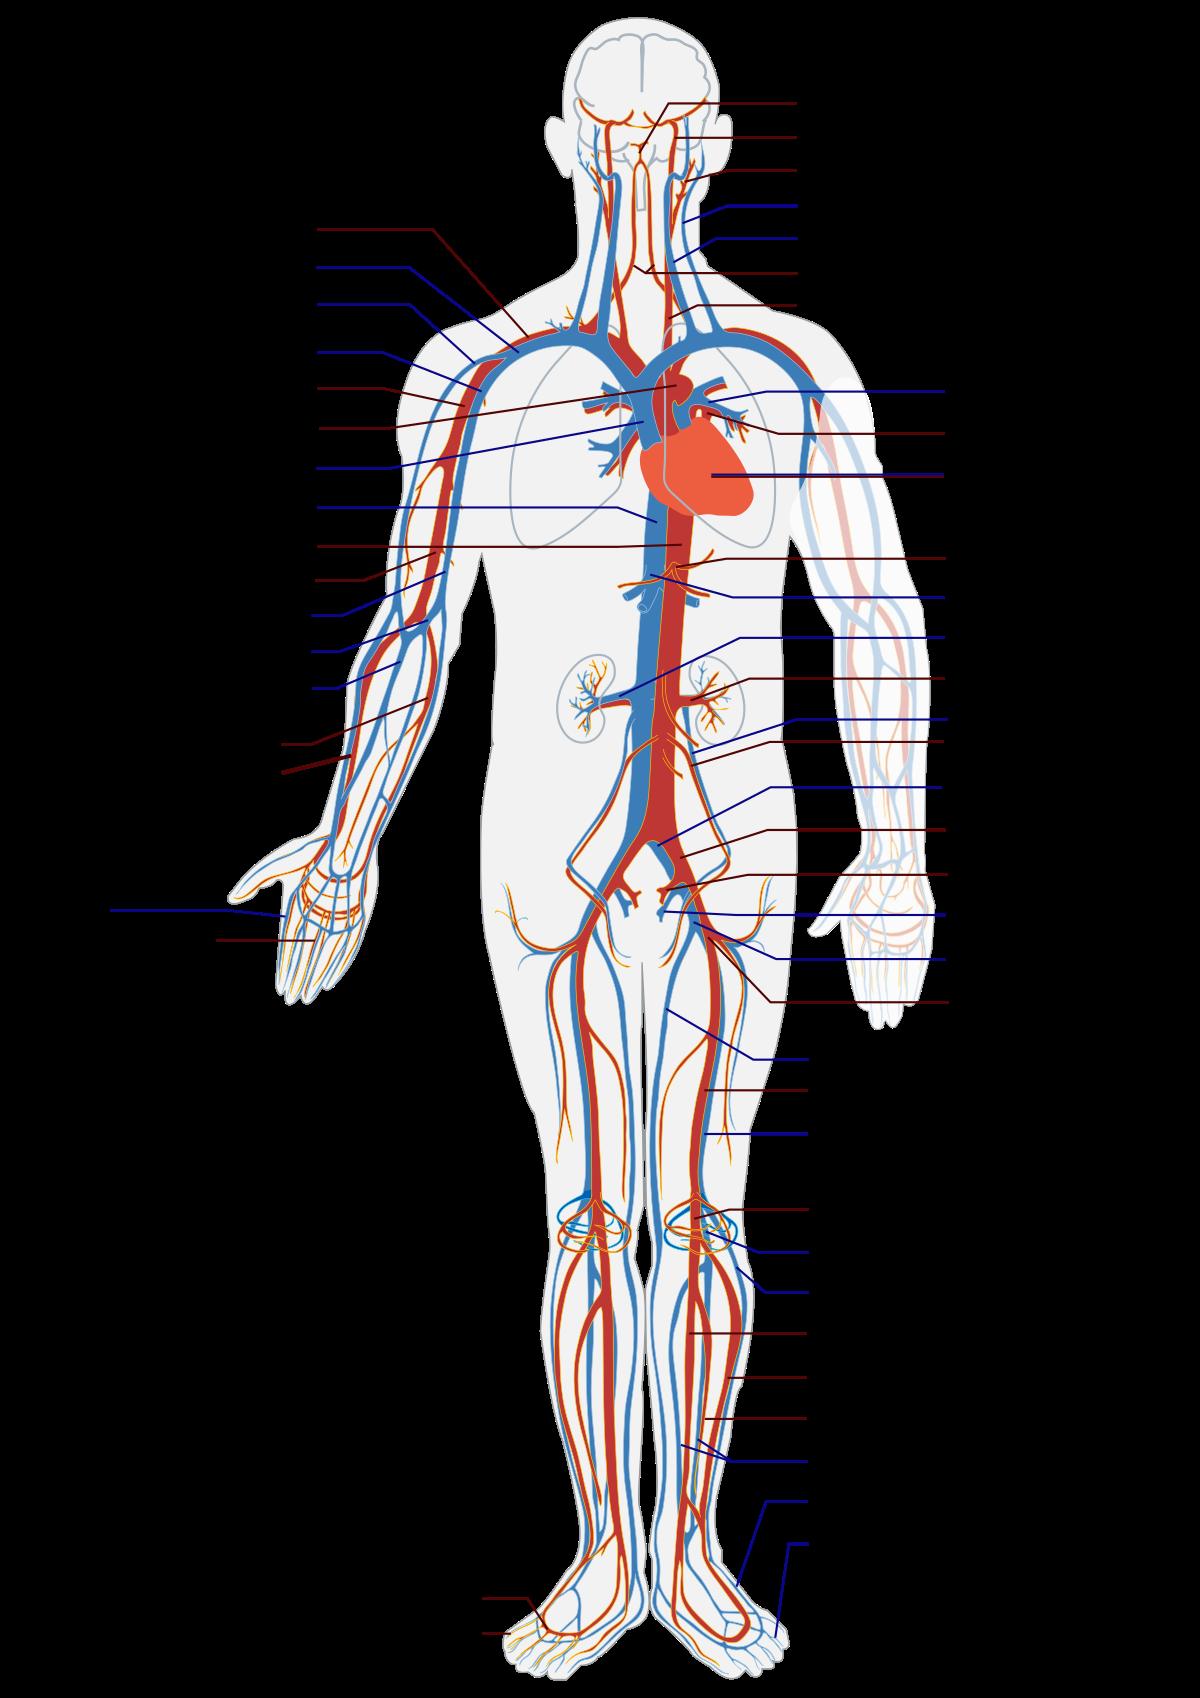 Кровеносные сосуды человека — строение, функции, роль в организме и возможные патологии